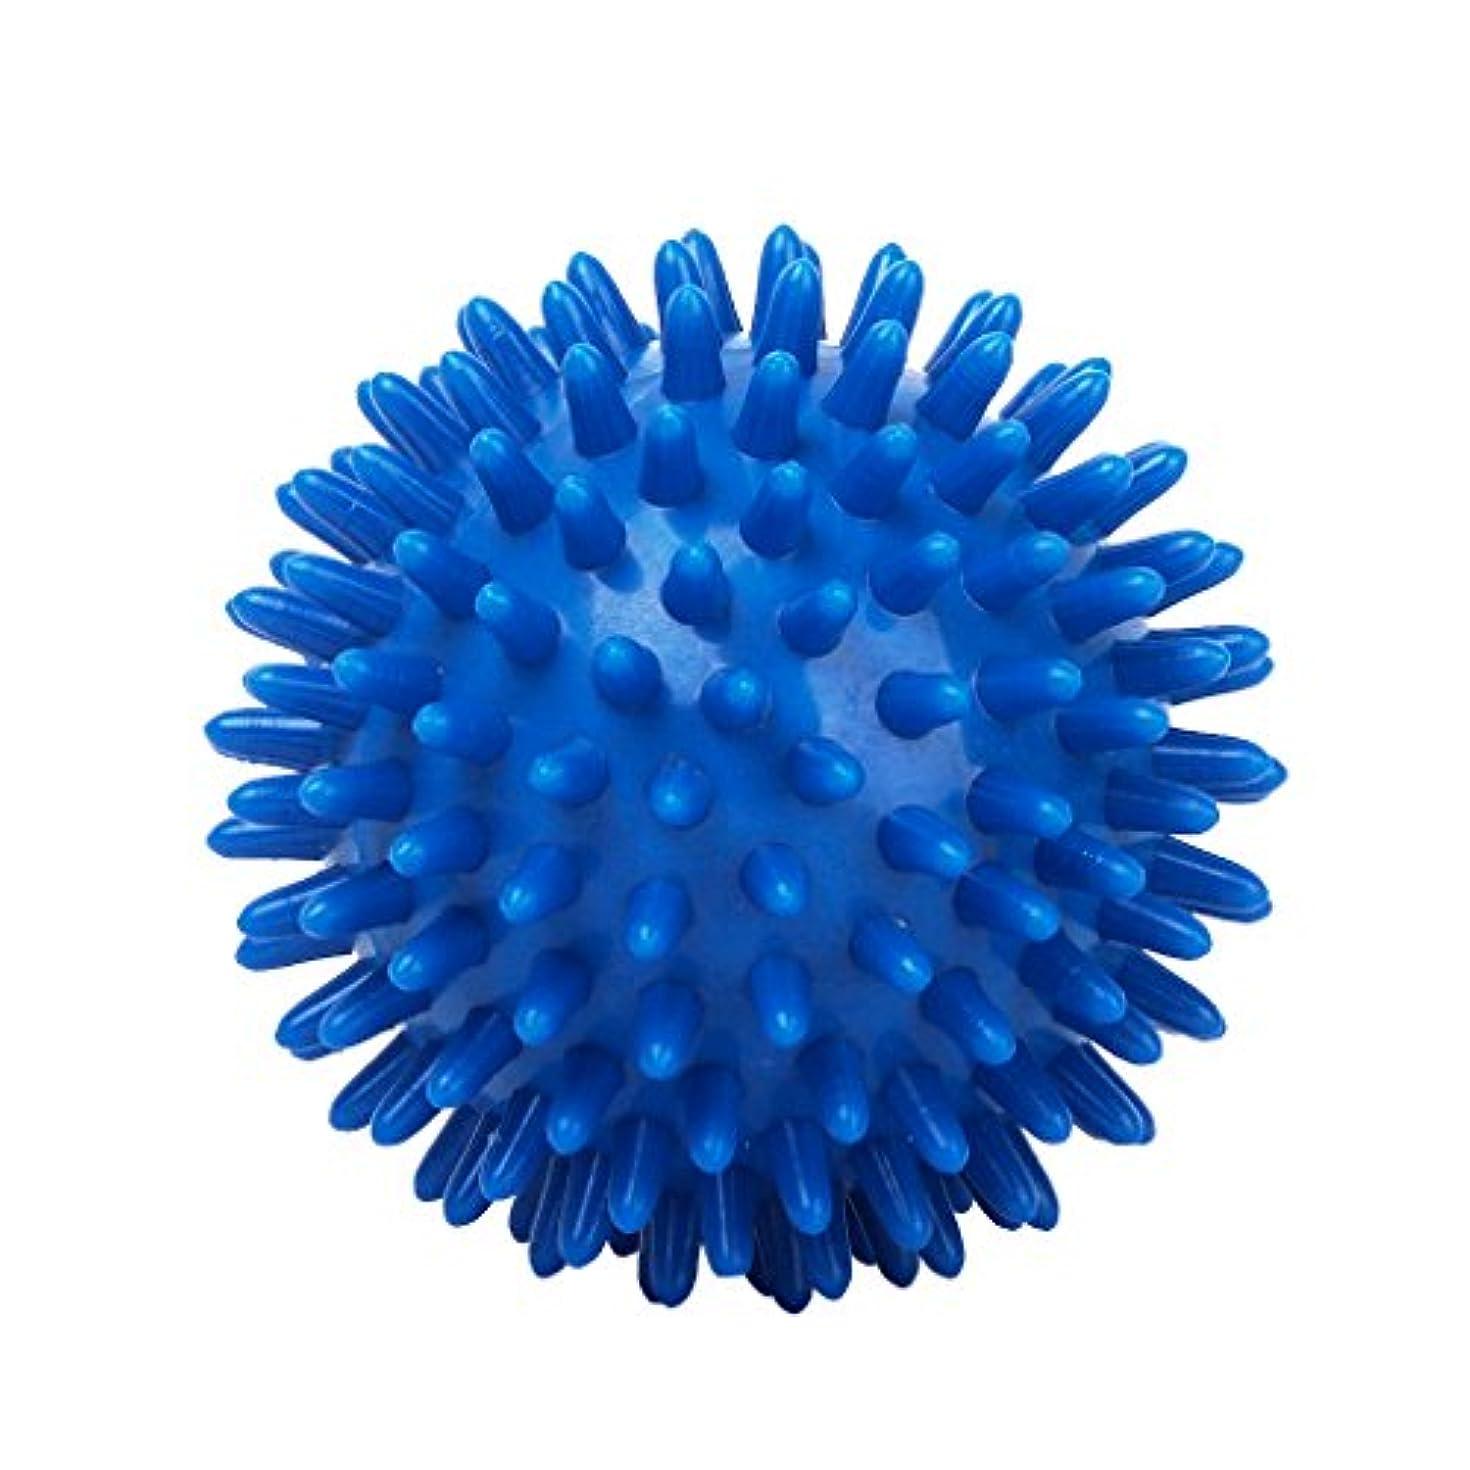 Fenteer 便利 小型 マッサージボール 足用 筋肉対応 高品質 8cm マッサージ ボール PVC製 ブルー